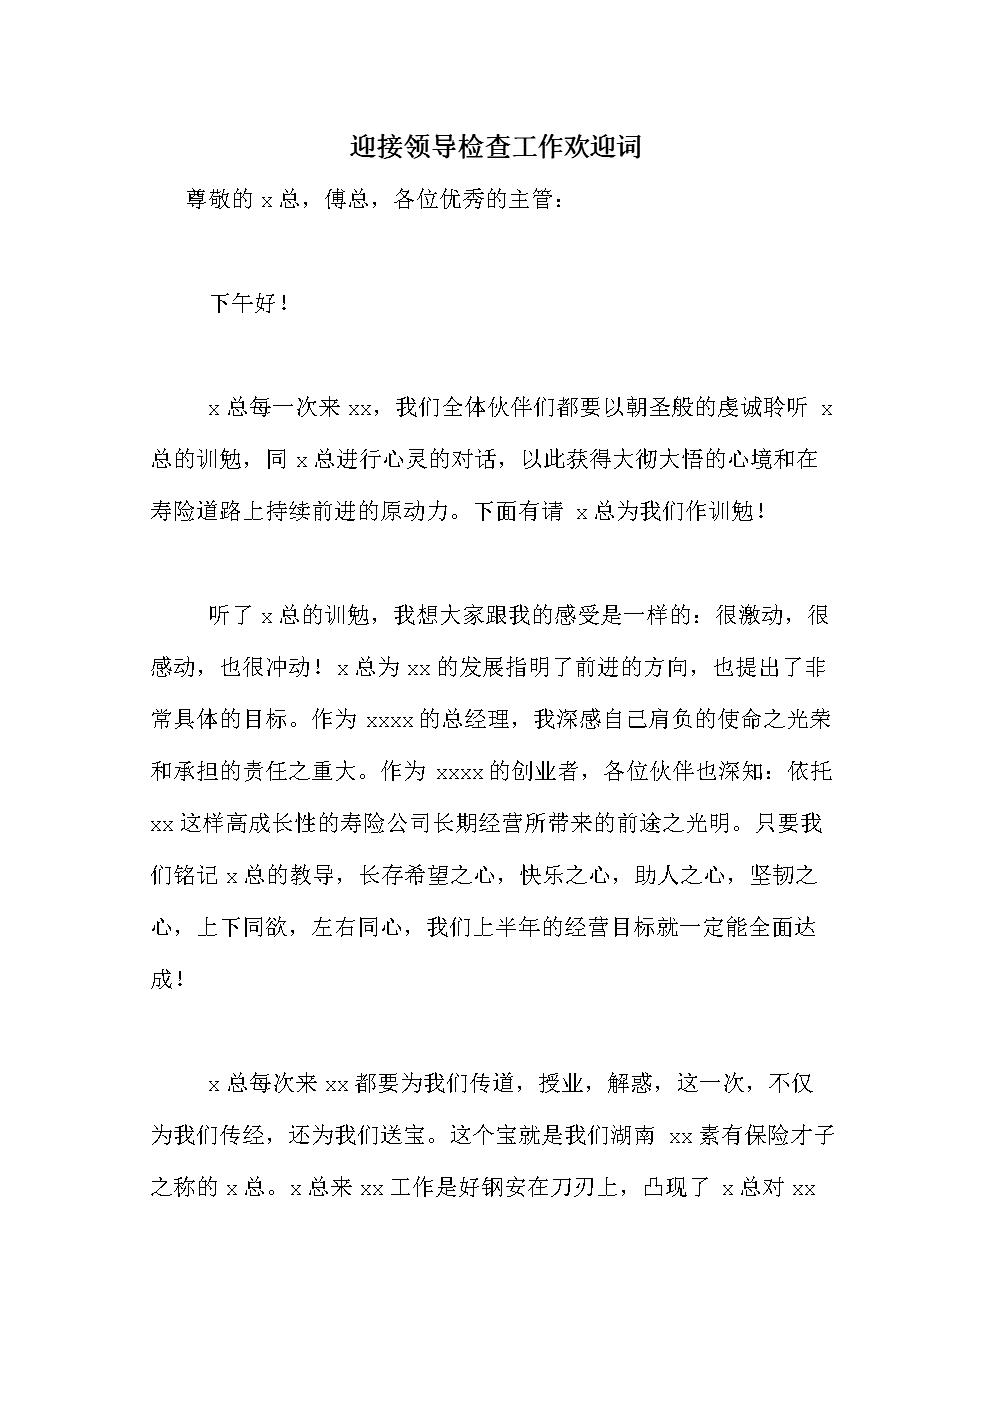 迎接领导检查工作欢迎词.doc